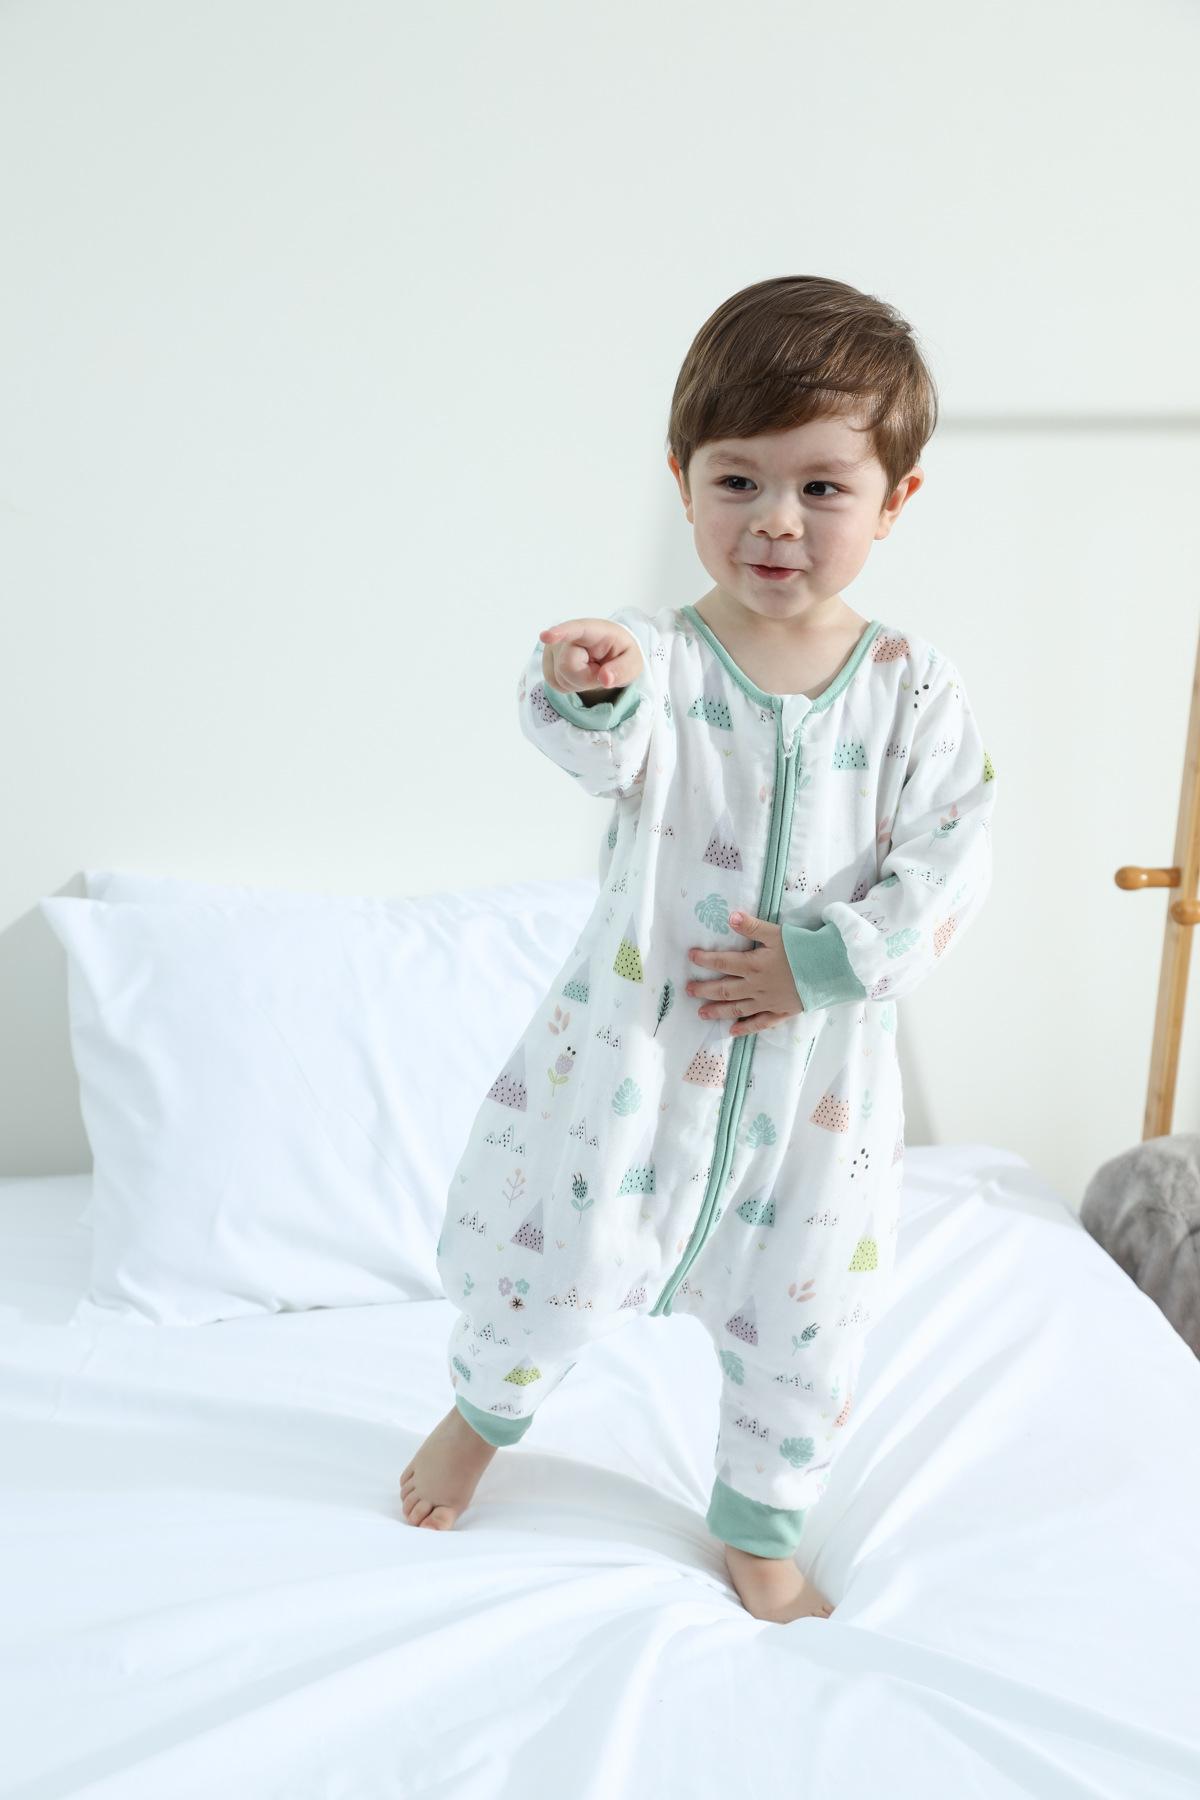 MJBE Túi ngủ trẻ em Em bé đầu tiên bốn lưng hai túi ngủ gạc phần bông mỏng tách chân ngủ trẻ em chốn